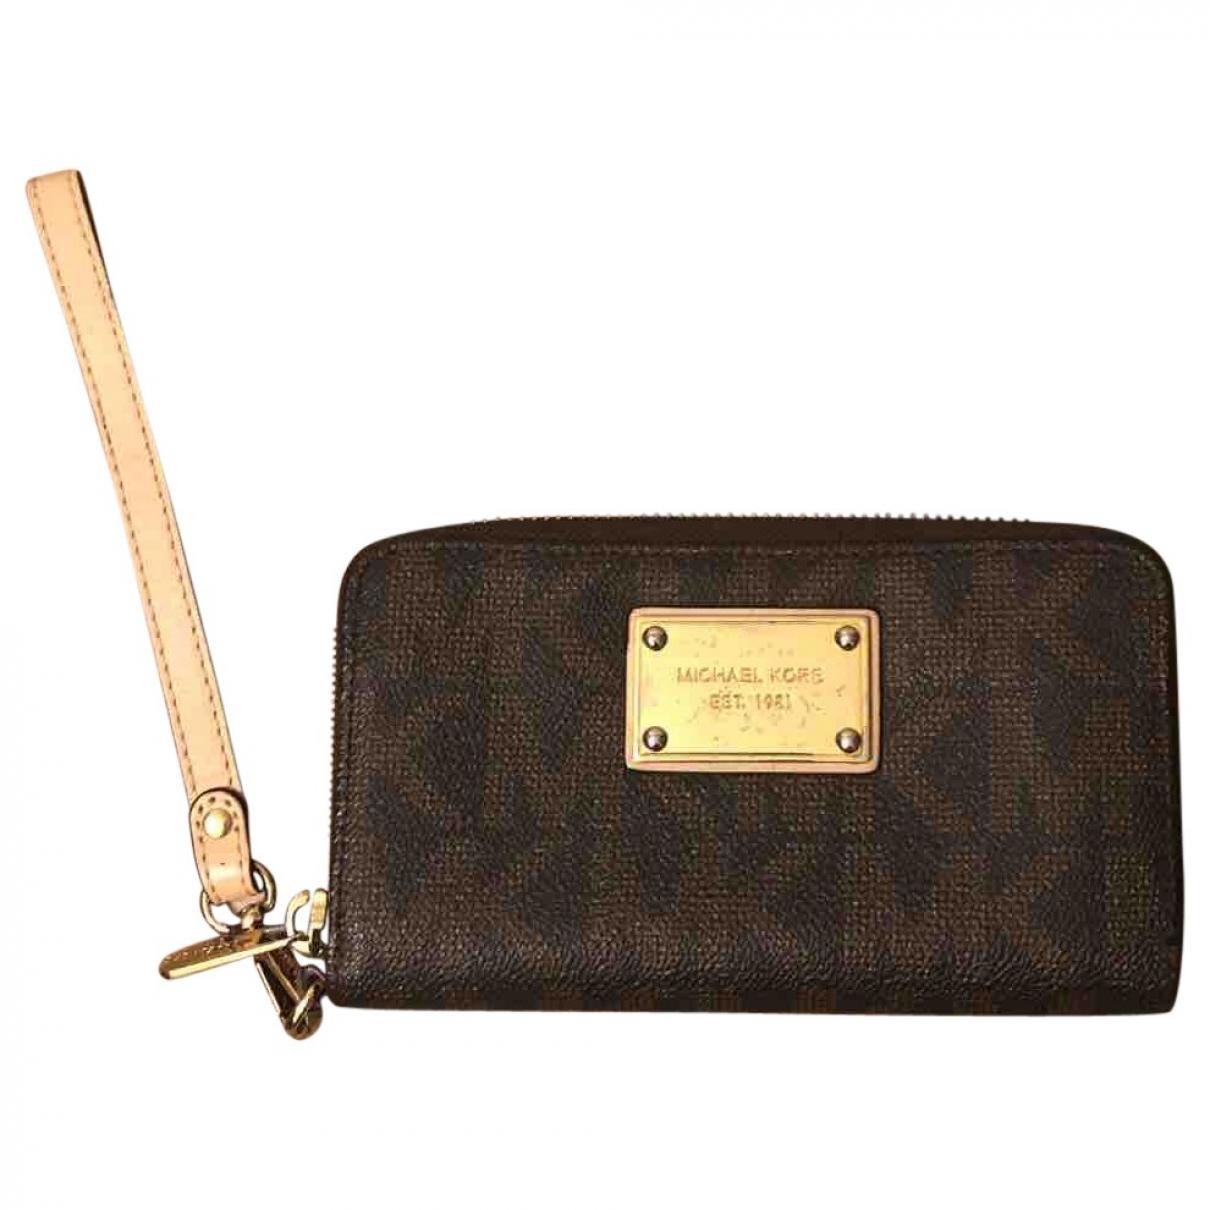 Michael Kors - Portefeuille   pour femme en cuir - marron